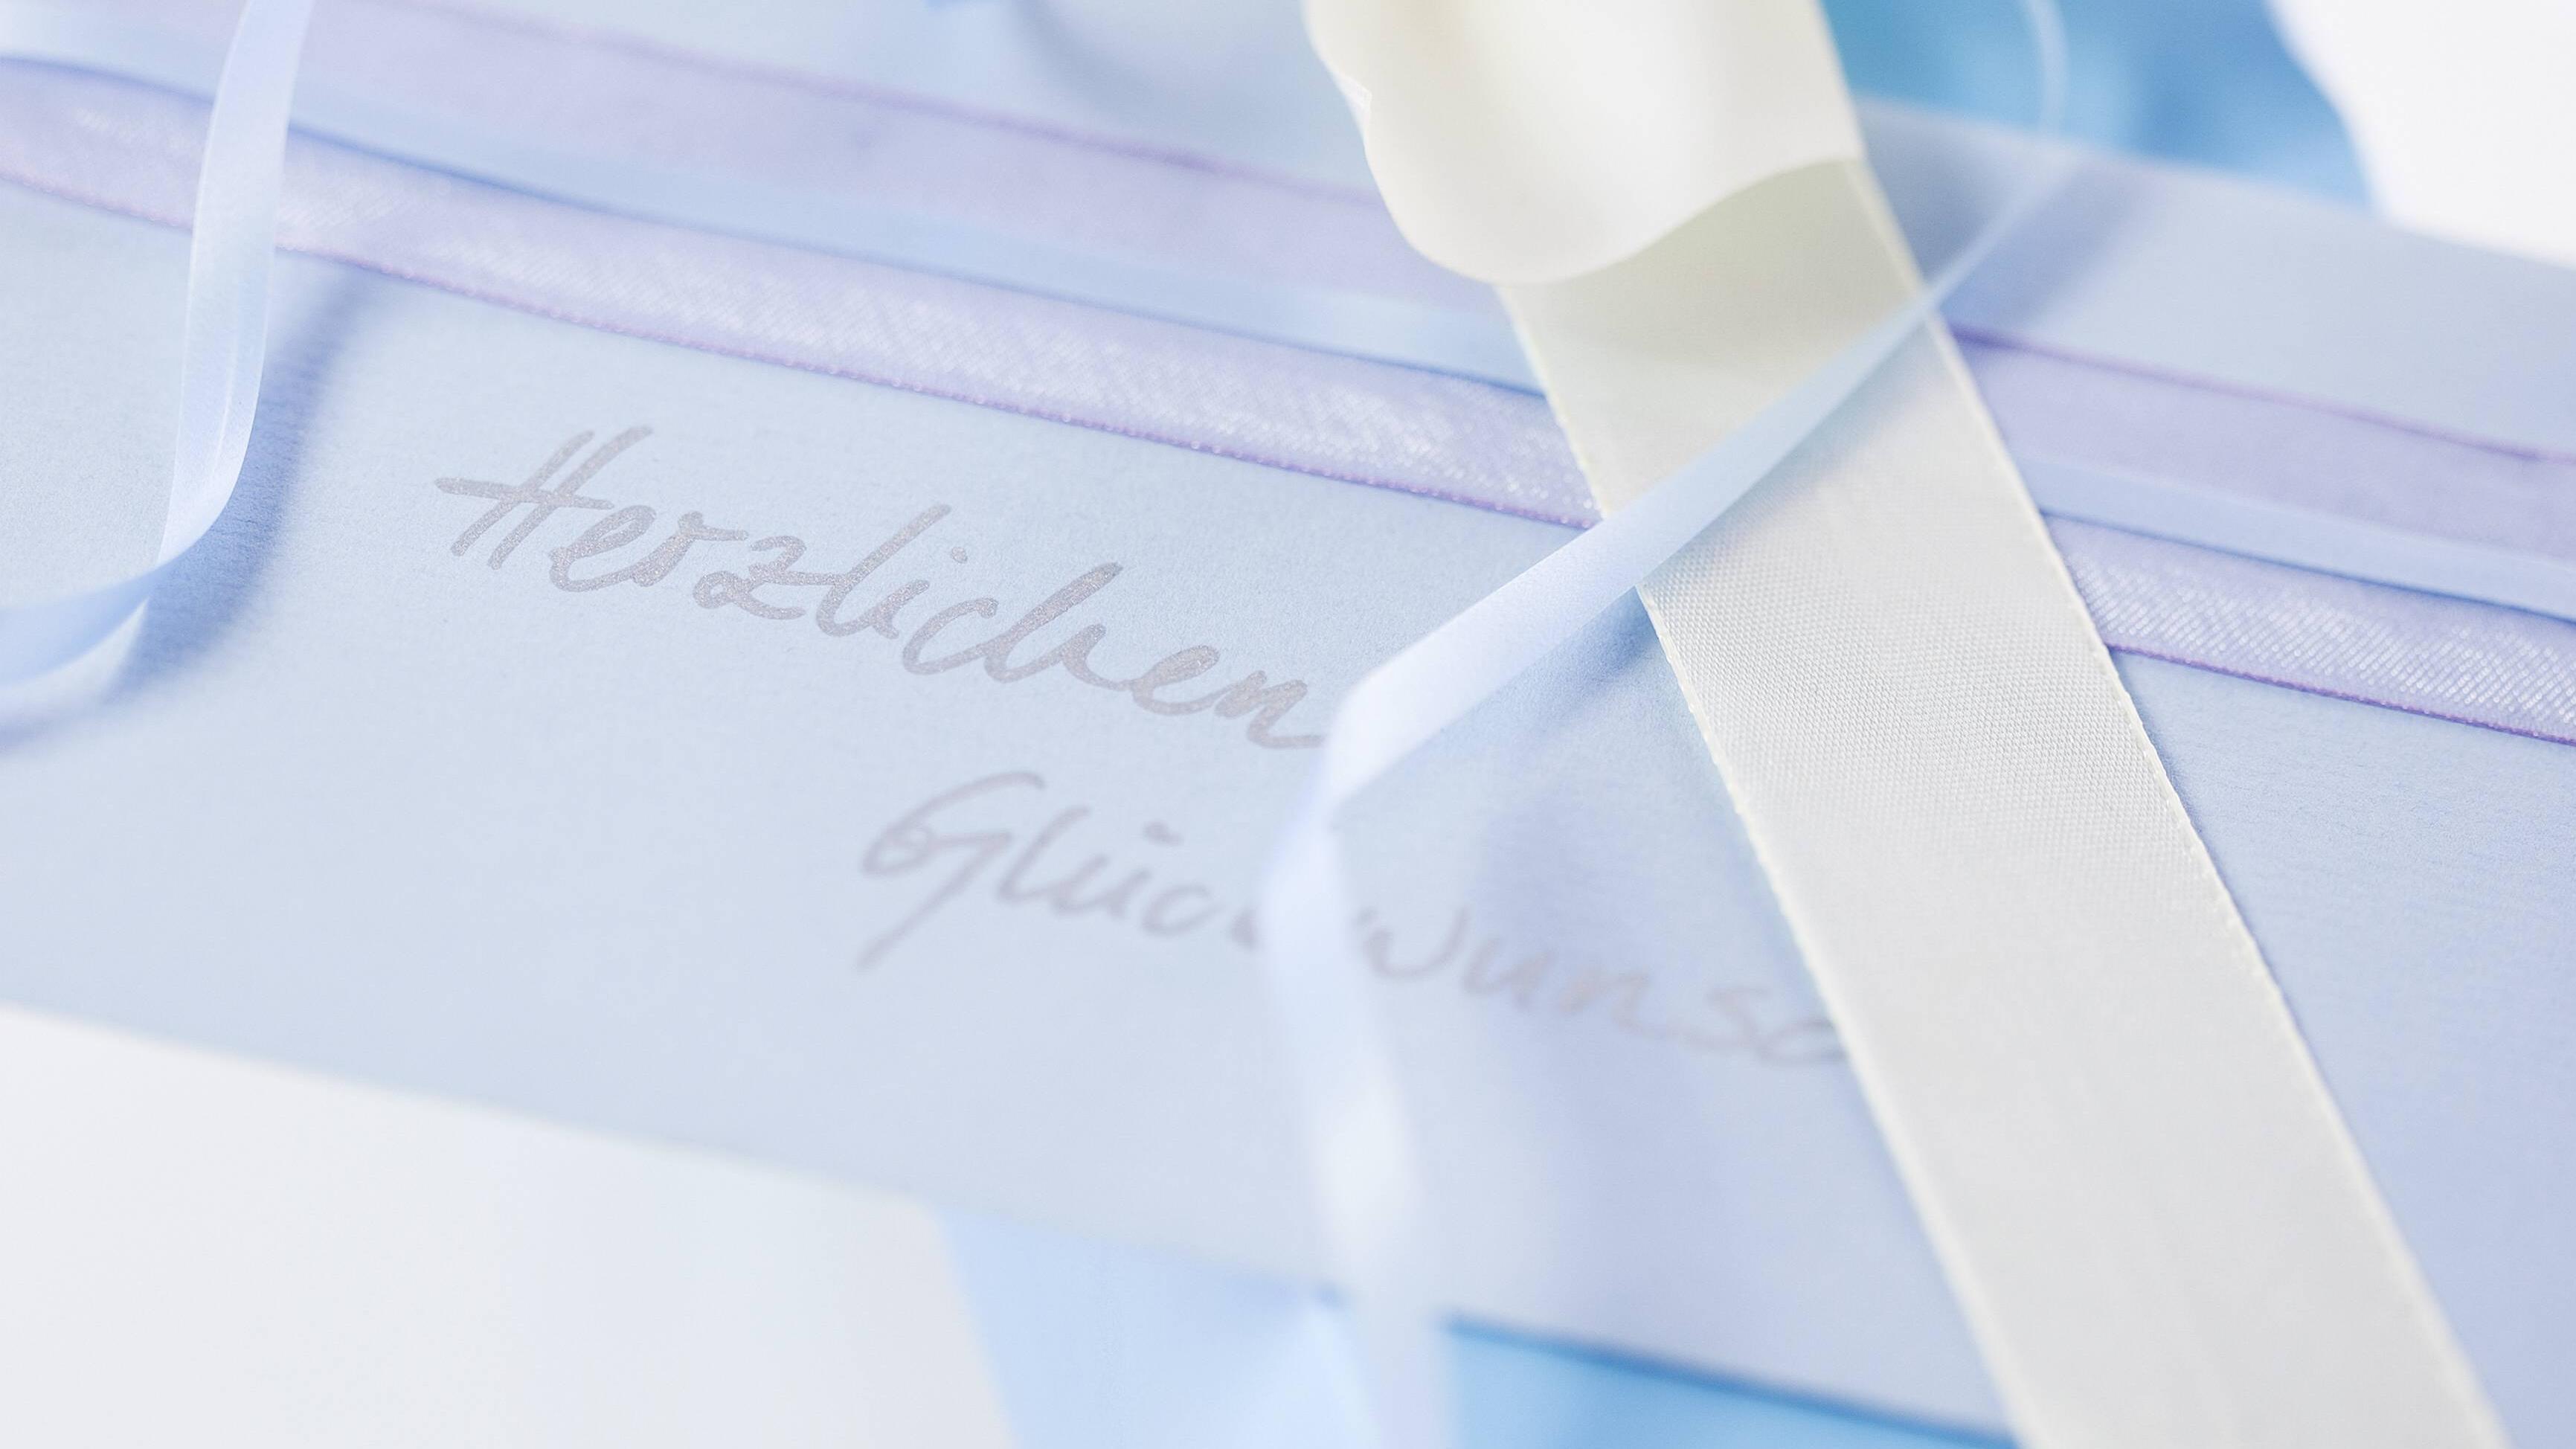 In die Glückwunschkarte zur Jugendweihe können Sie witzige oder inspirierende Sprüche schreiben.